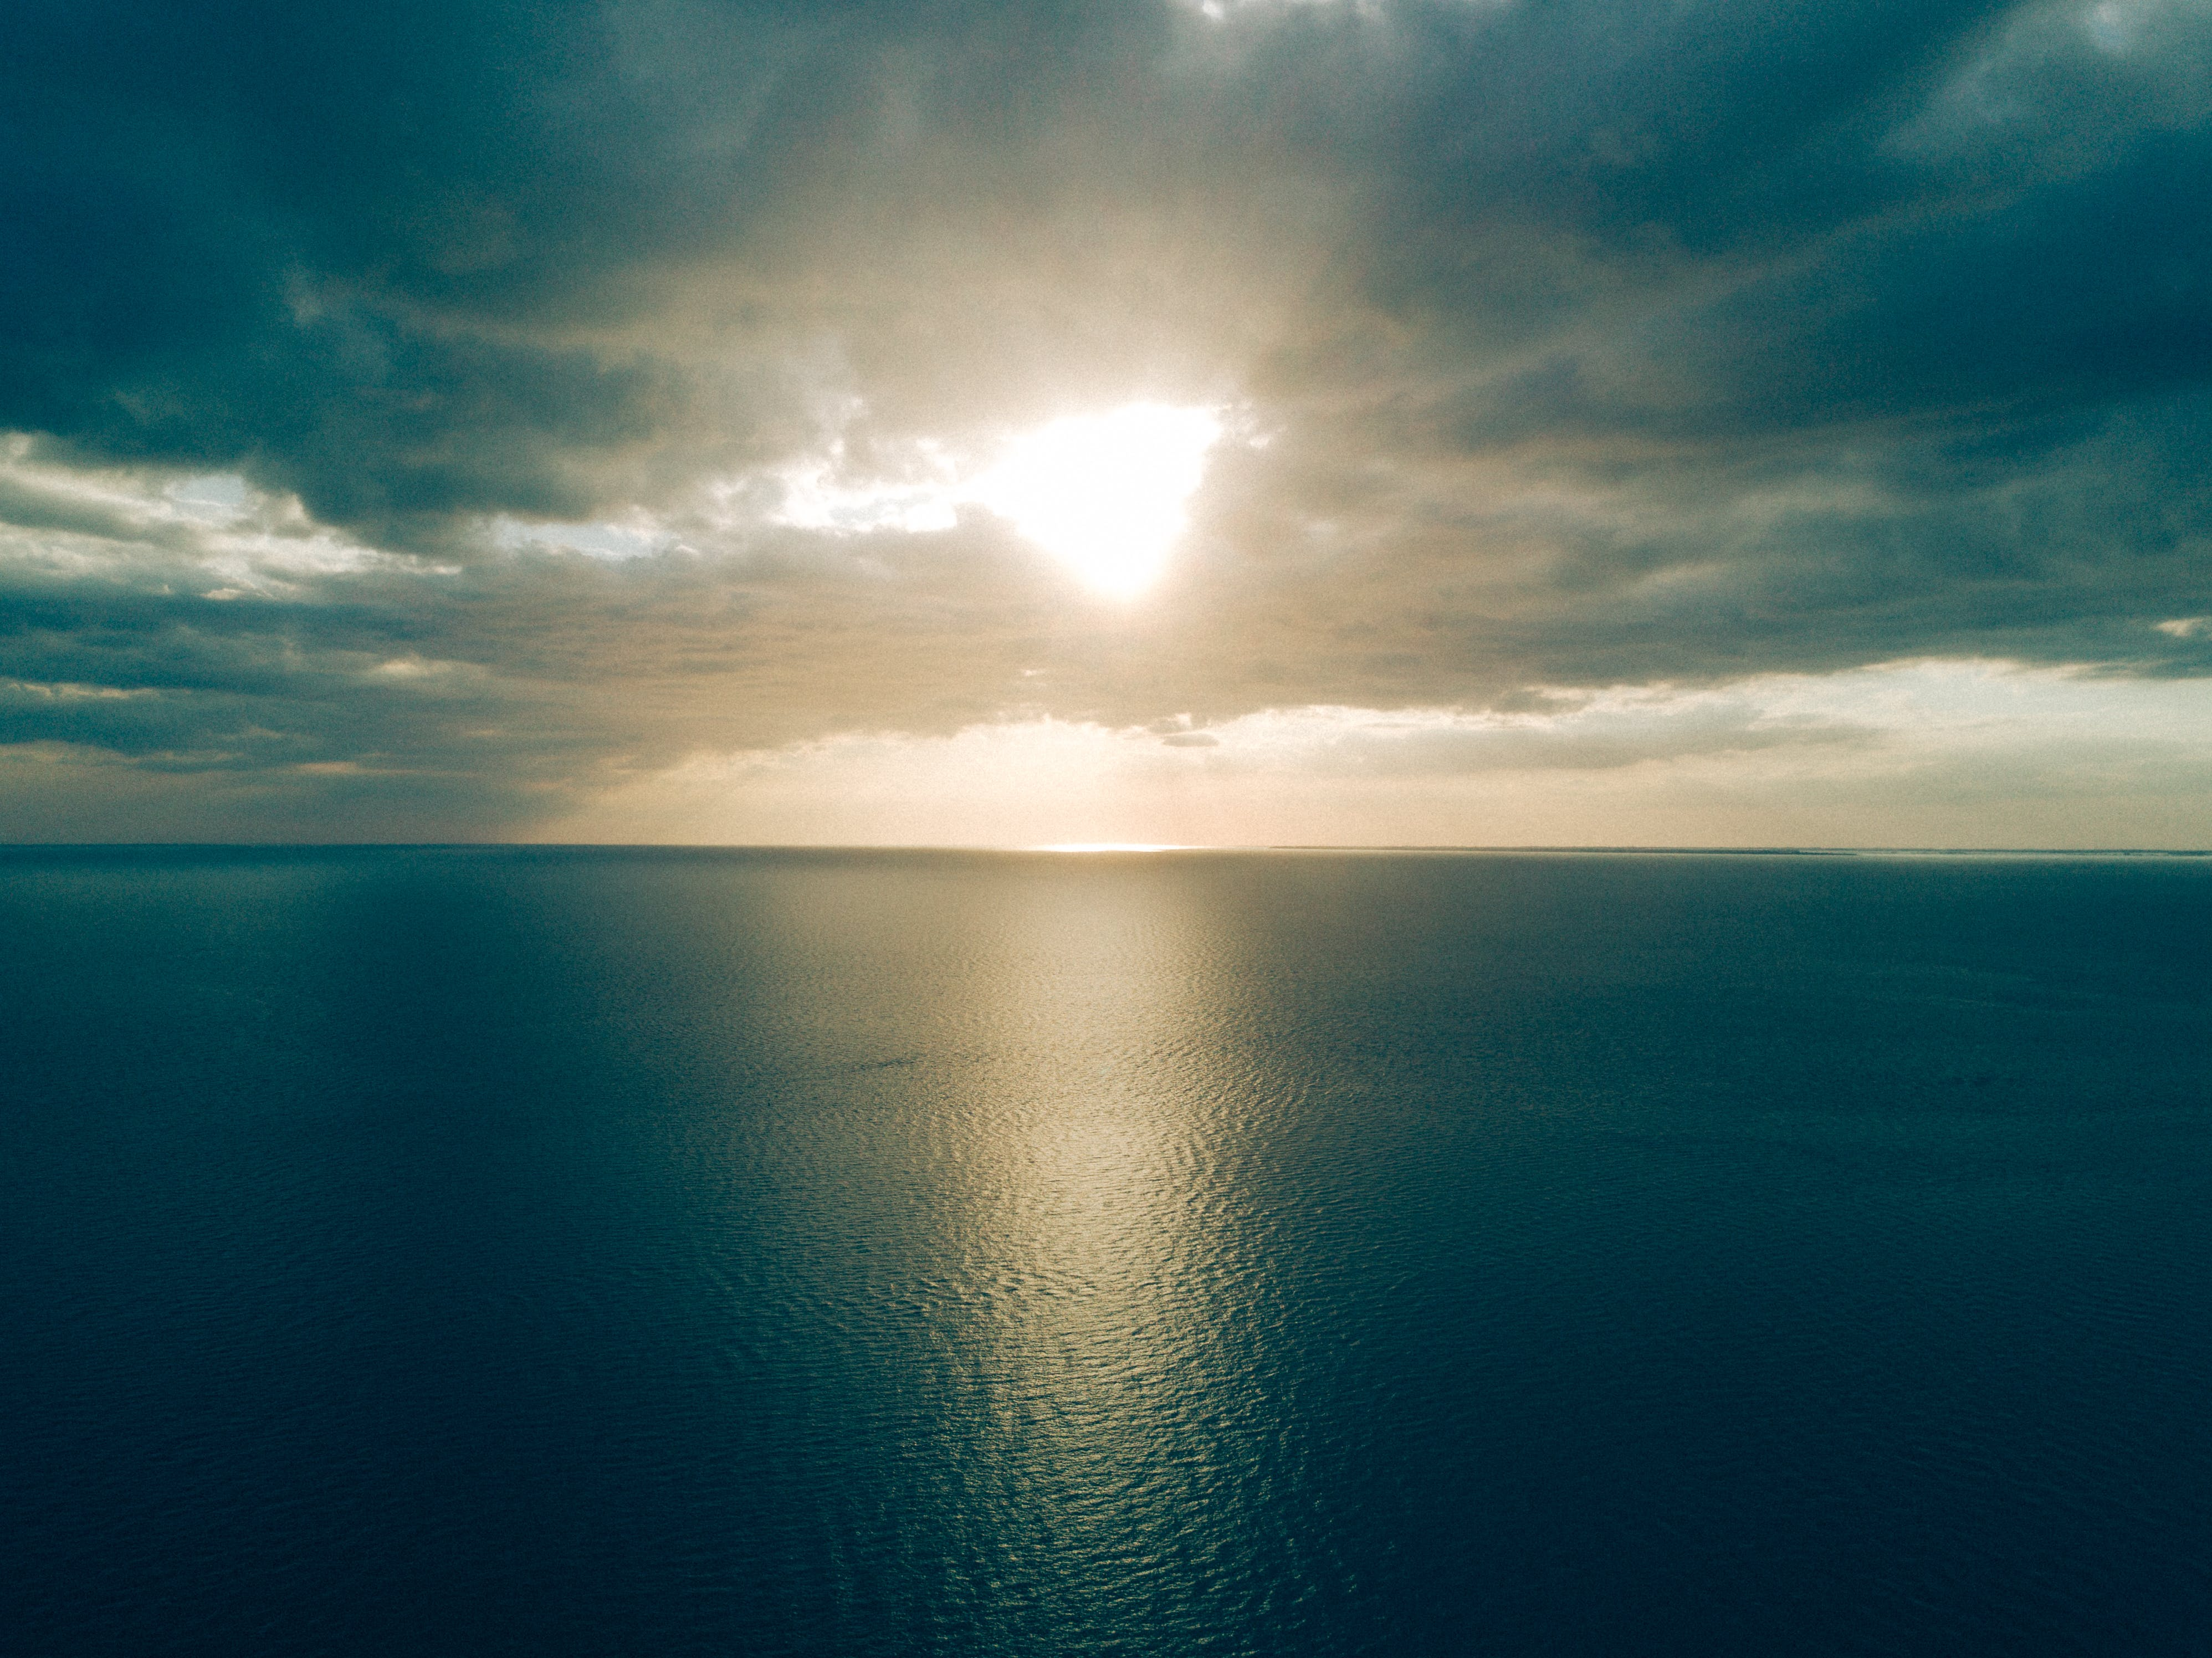 Kostenloses Stock Foto zu abend, dämmerung, dramatisch, himmel